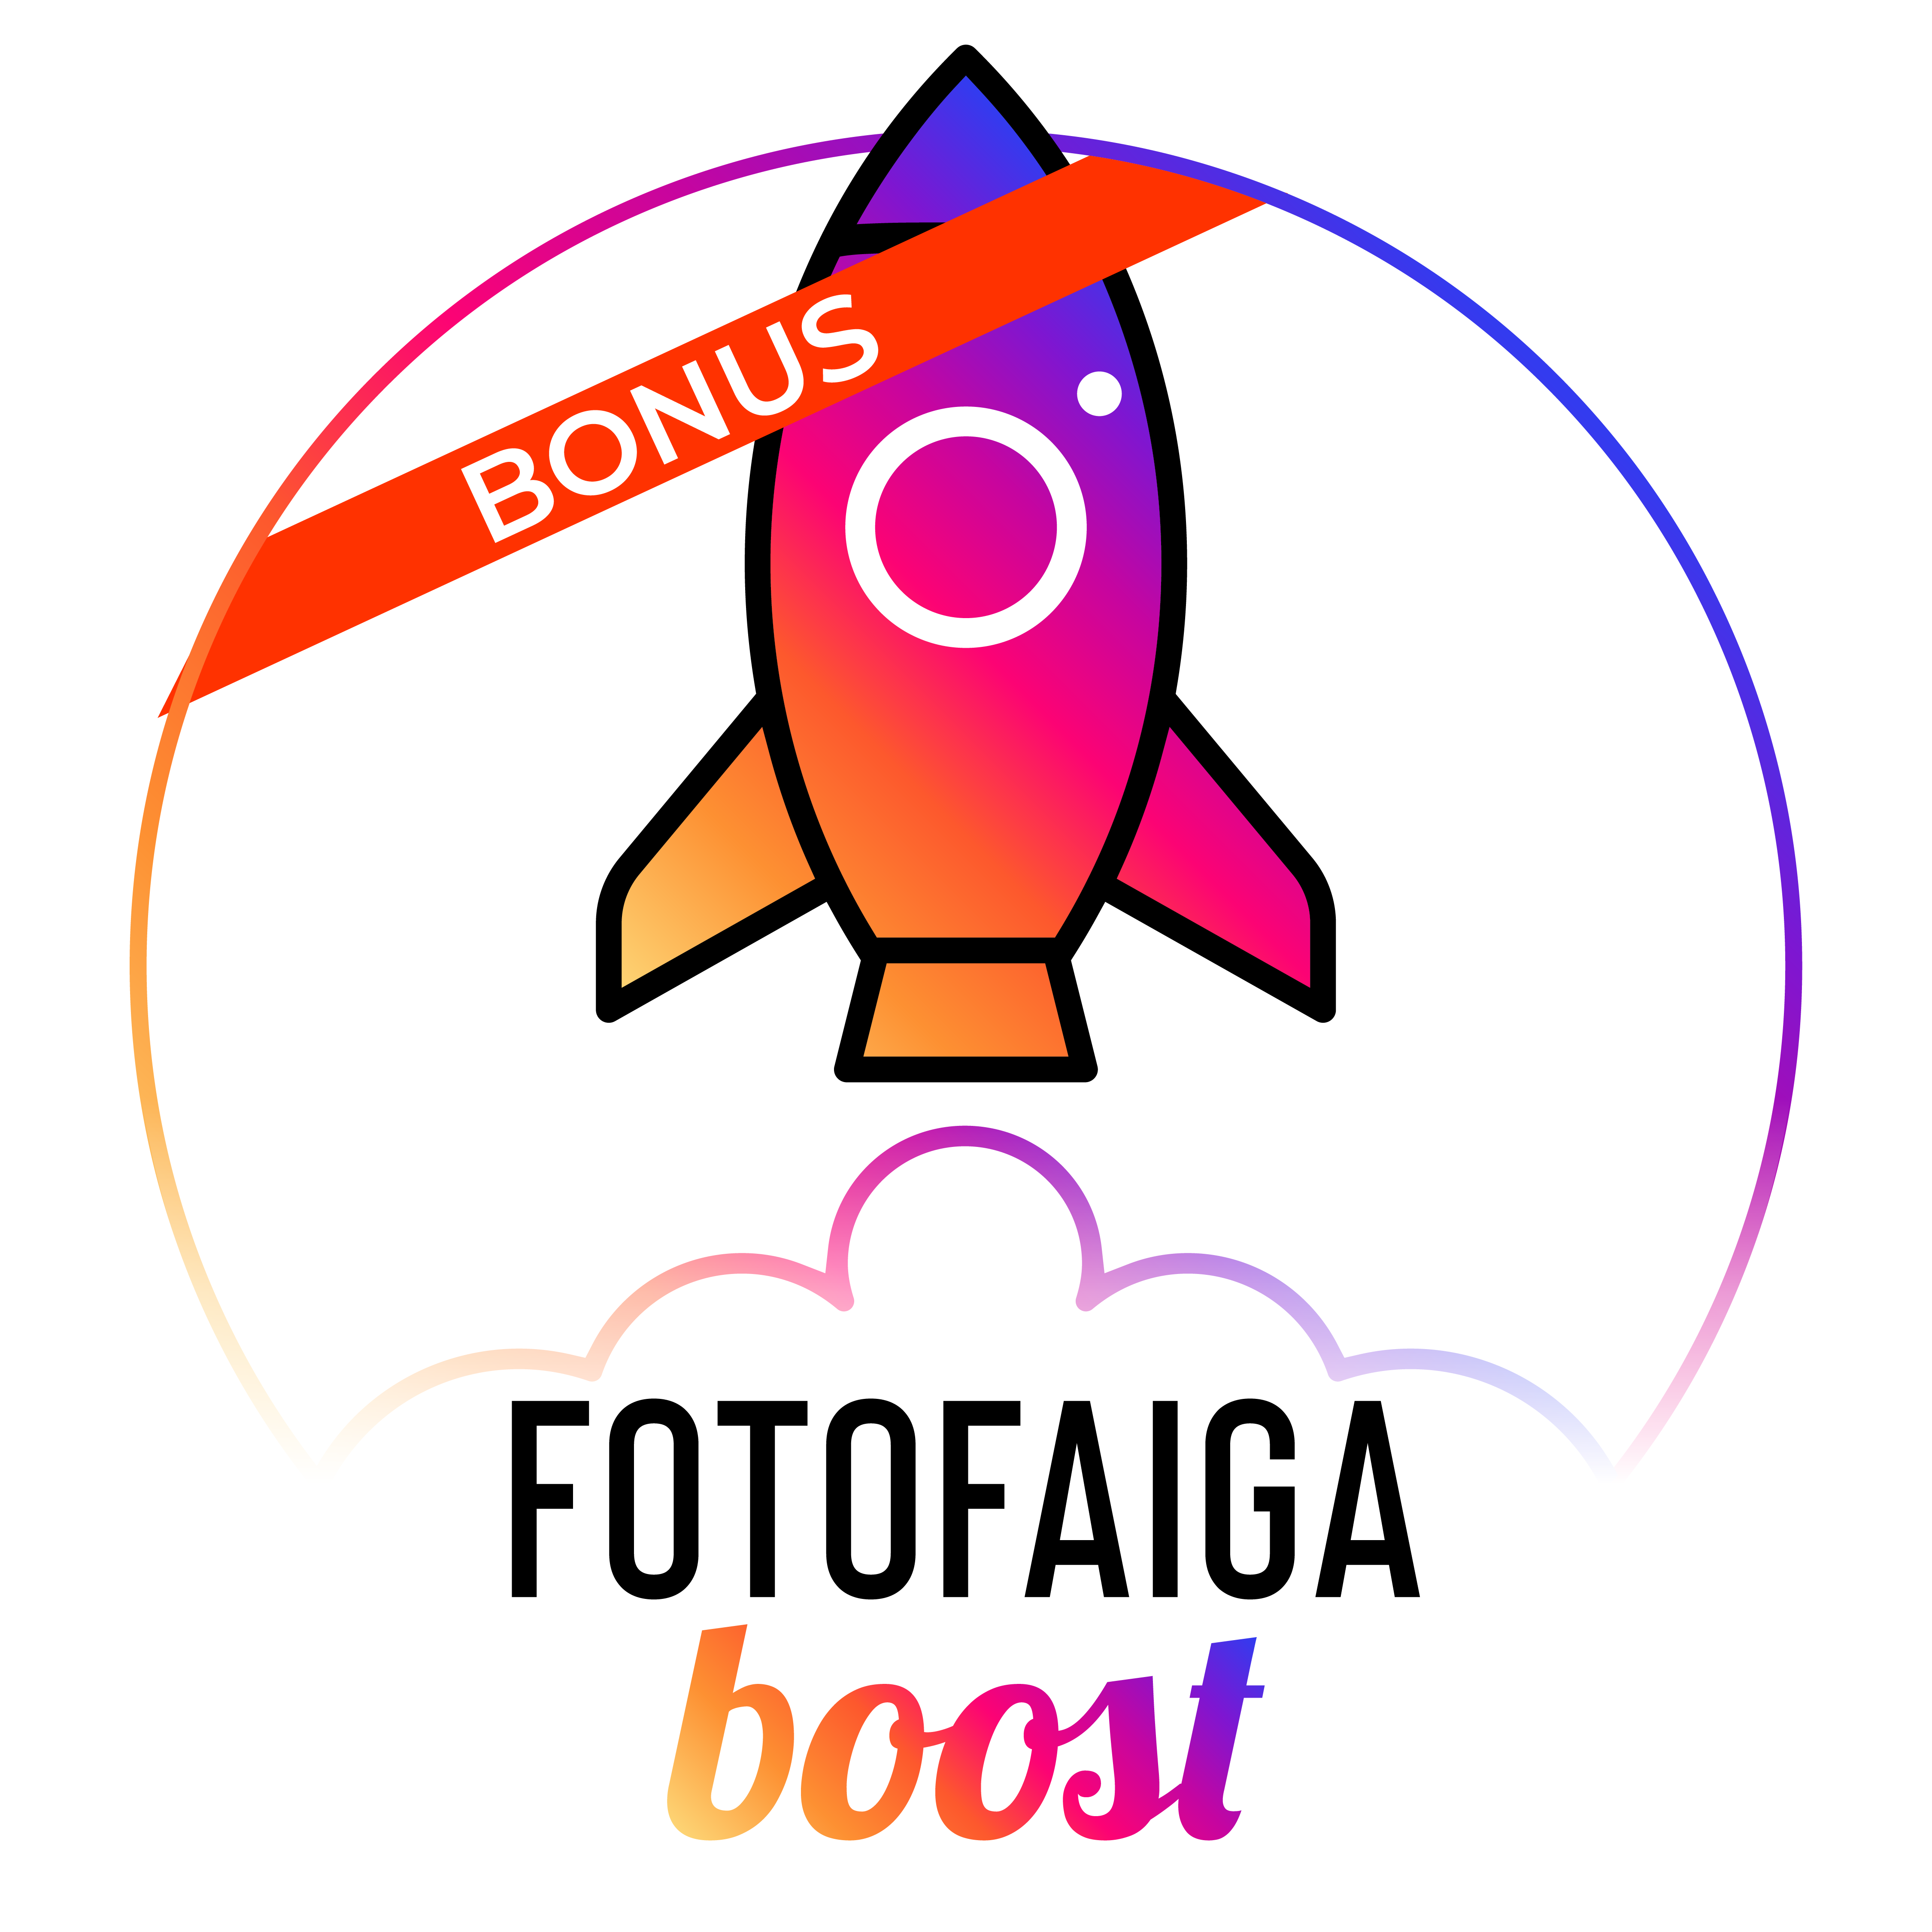 FotoFaiga Boost BONUS